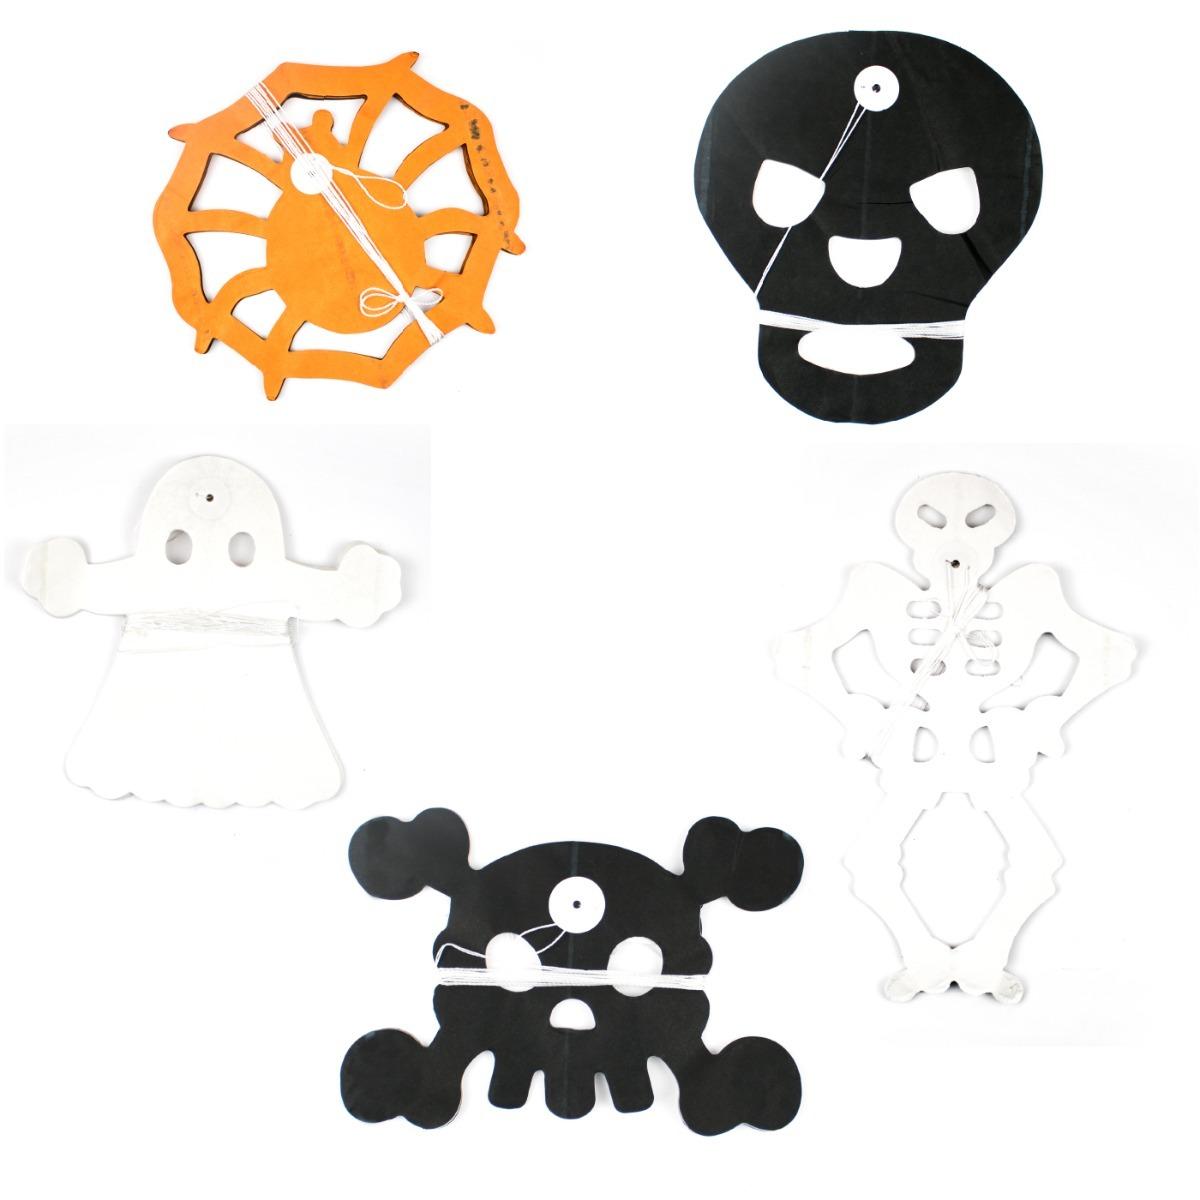 10 cadenas de papel picado decoracin halloween guirnalda - Adornos Halloween